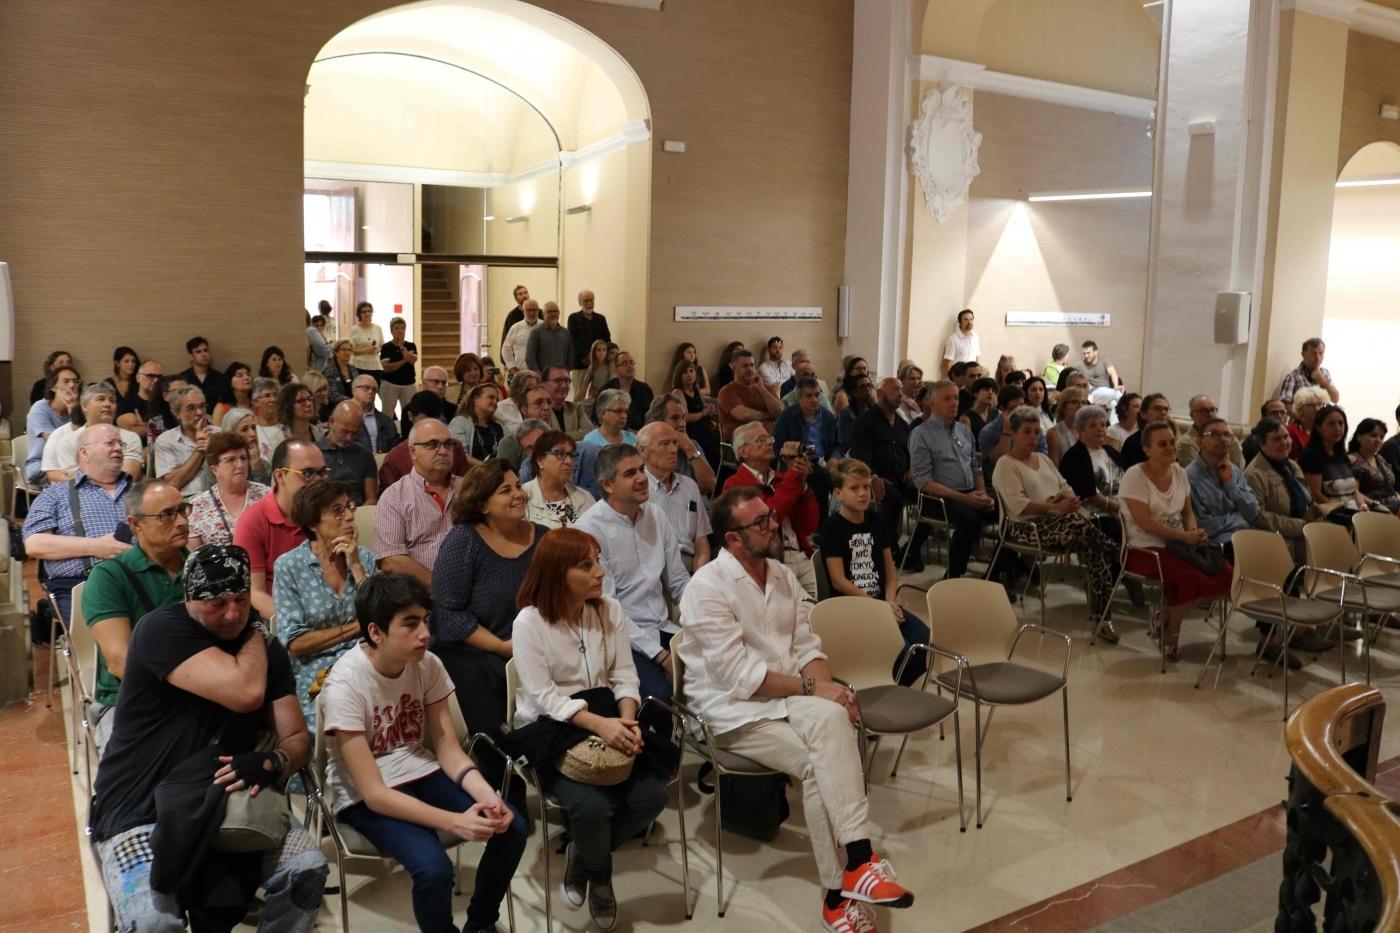 L'exposició col·lectiva Art Singular uneix a 48 artistes d'entitats socials d'arreu de Catalunya i artistes de reconegut prestigi internacional a la C